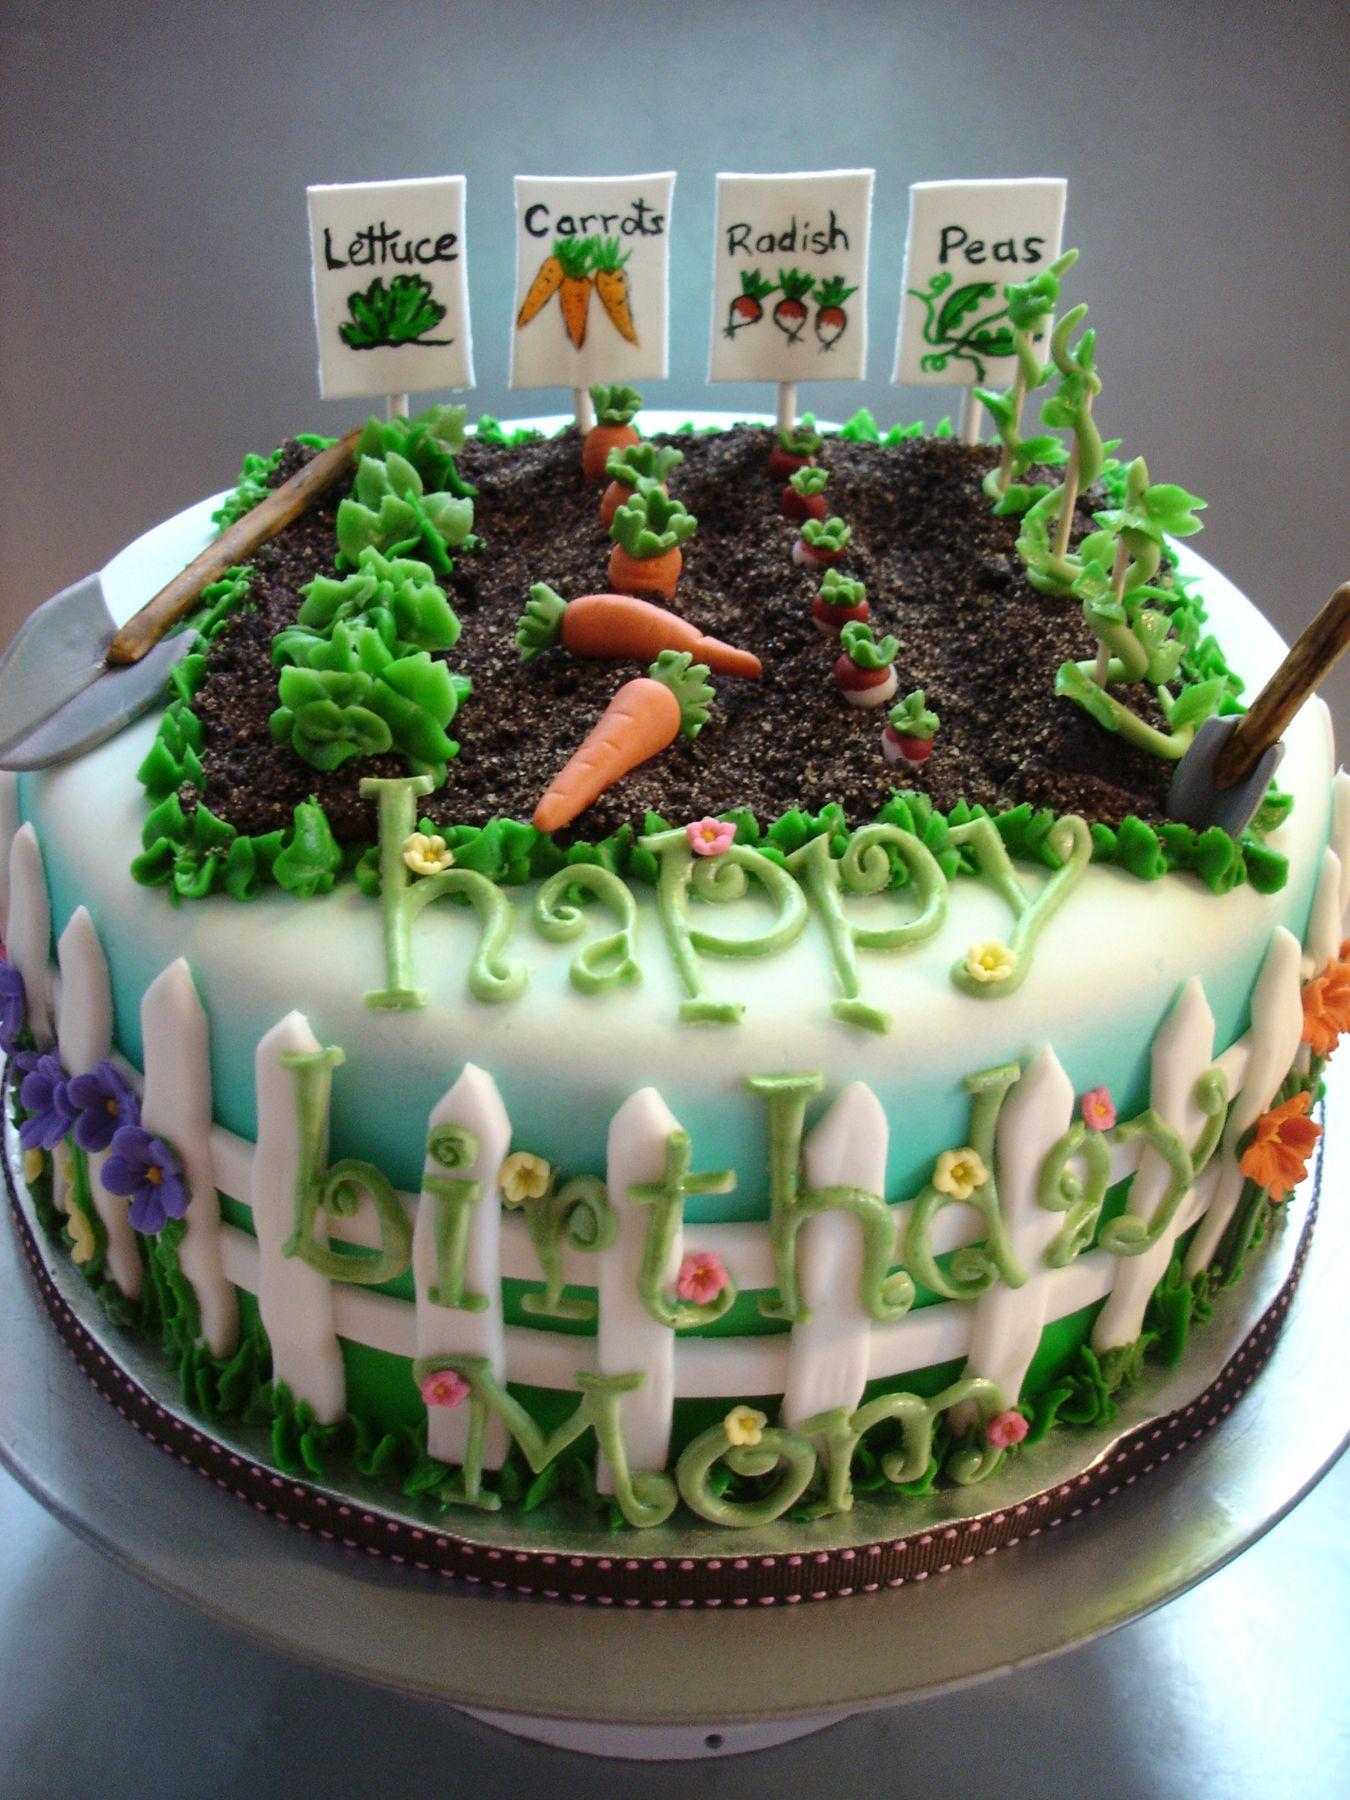 Green Thumb Cake Cakewalk Catering Cake Garden Cakes Novelty